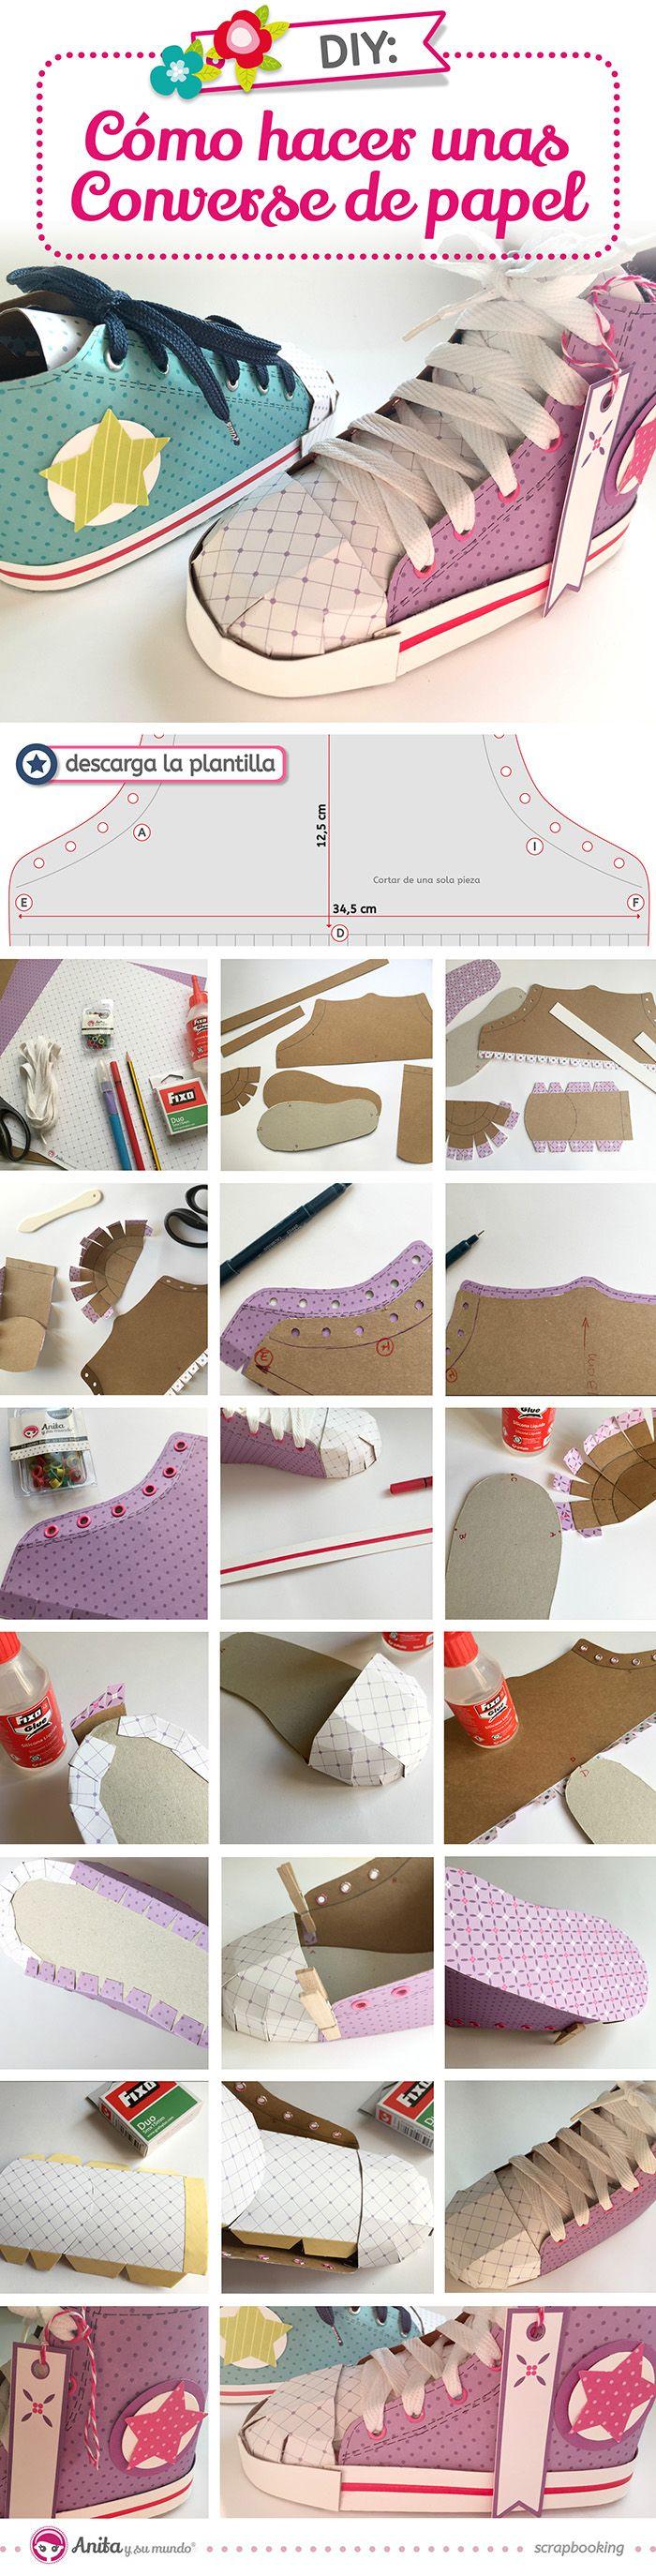 Tarjetas originales. Cómo hacer una tarjeta original con papel. Manualidades con papel. Ideas con papel. Tarjetas creativas. Ideas de tarjetas. Papercraft. Scrap  Cards. DIY. handmade